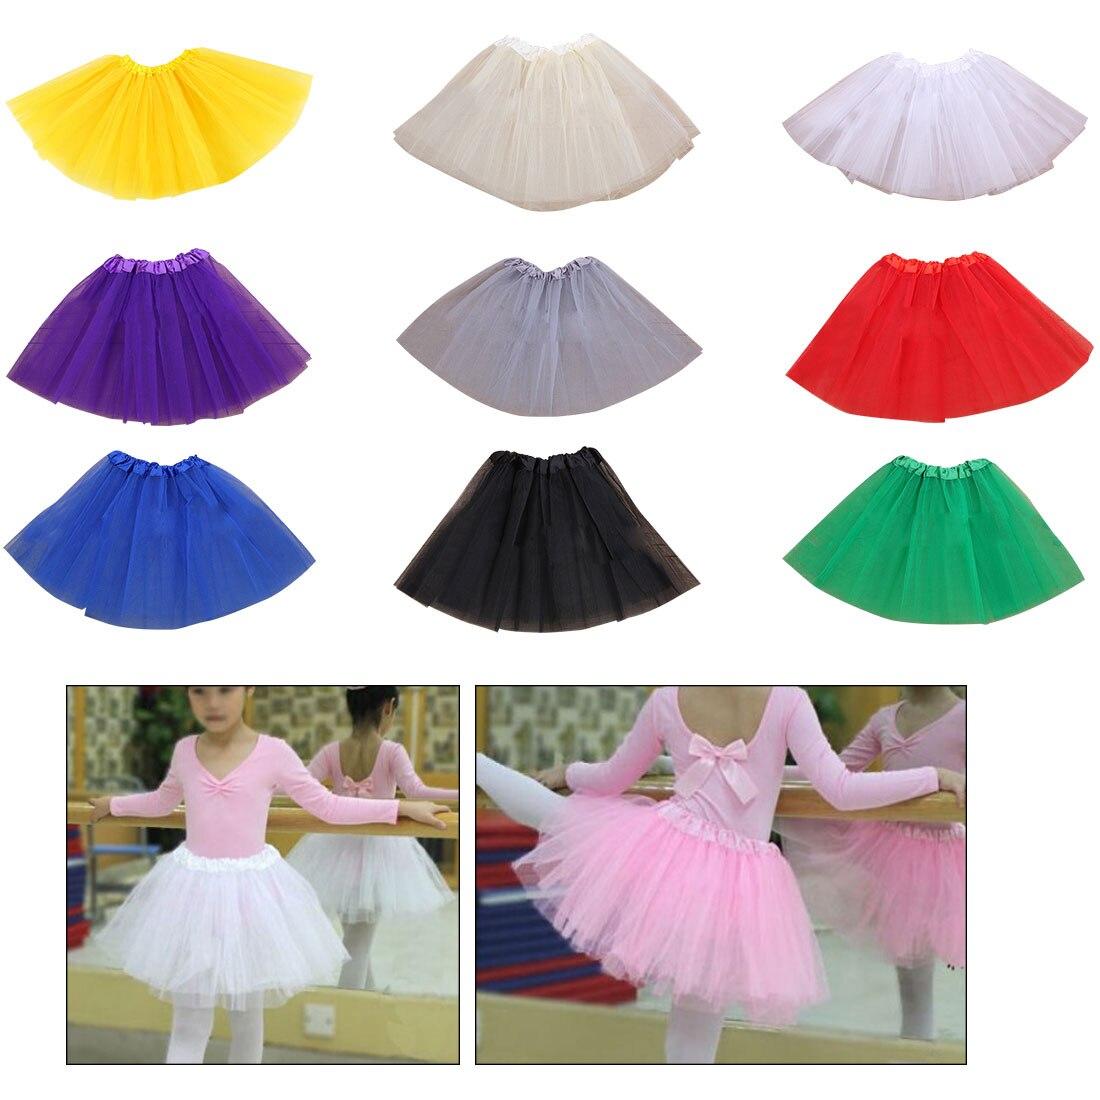 Балетная пачка, танцевальный костюм, милая пышная фатиновая юбка-американка для маленьких девочек, юбка-пачка для маленьких девочек, милые ...